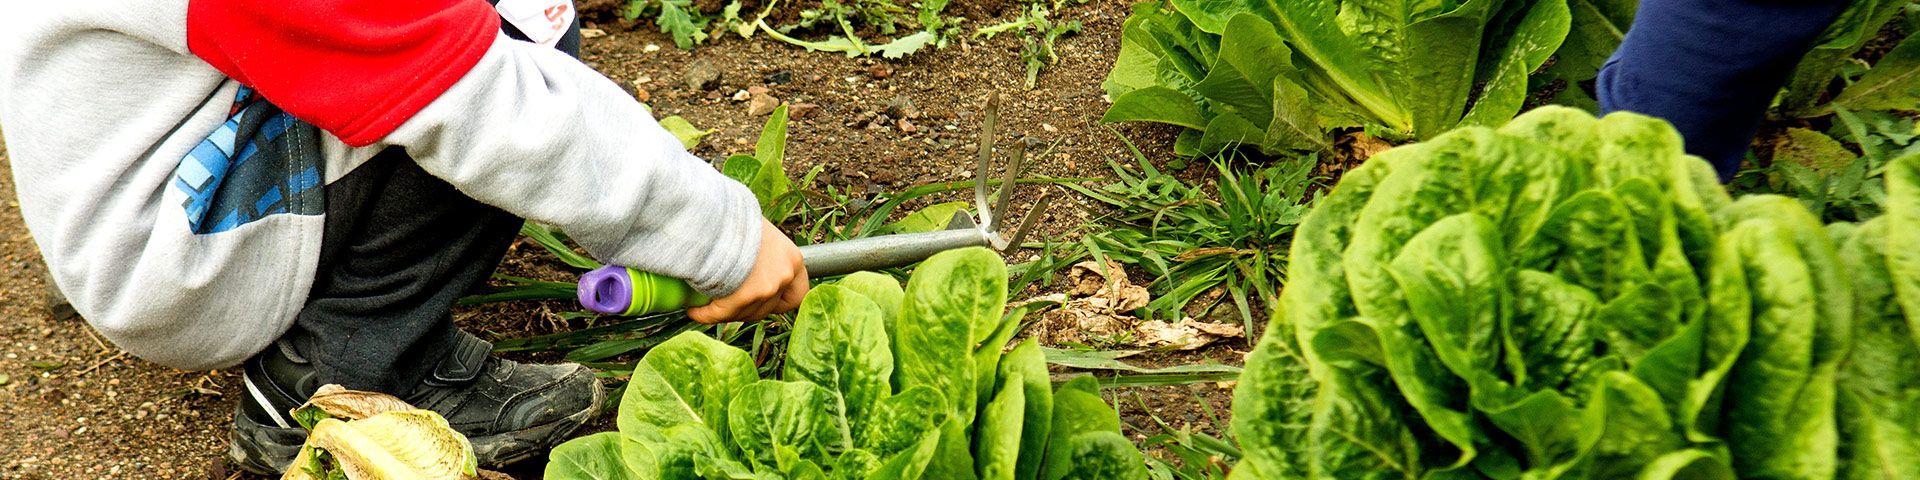 Vegetable Garden - Εικόνα